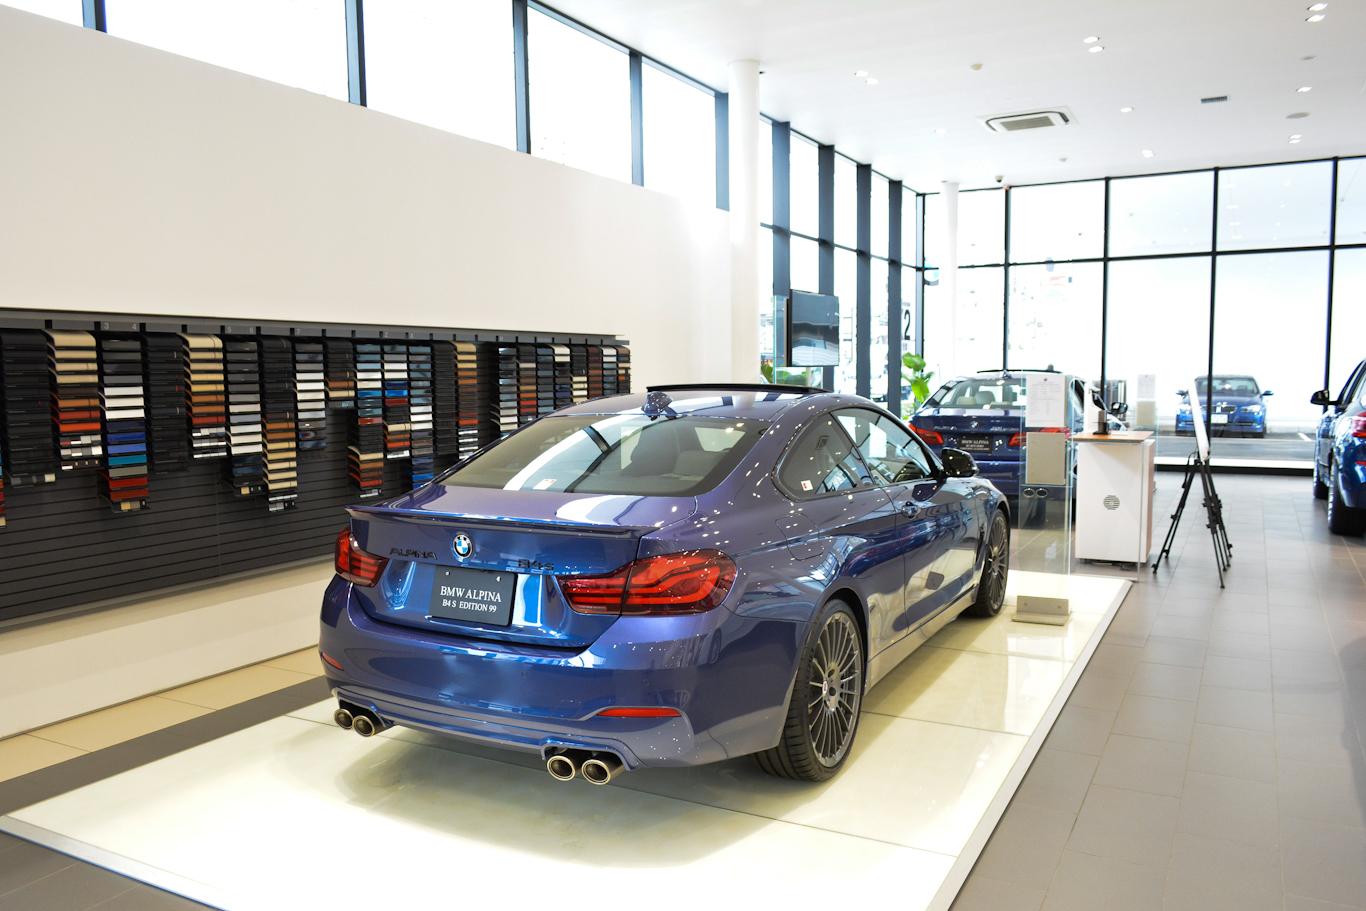 【BMWアルピナ】ボーフェンジーペンCEOが関西初の常設ショールームを来訪